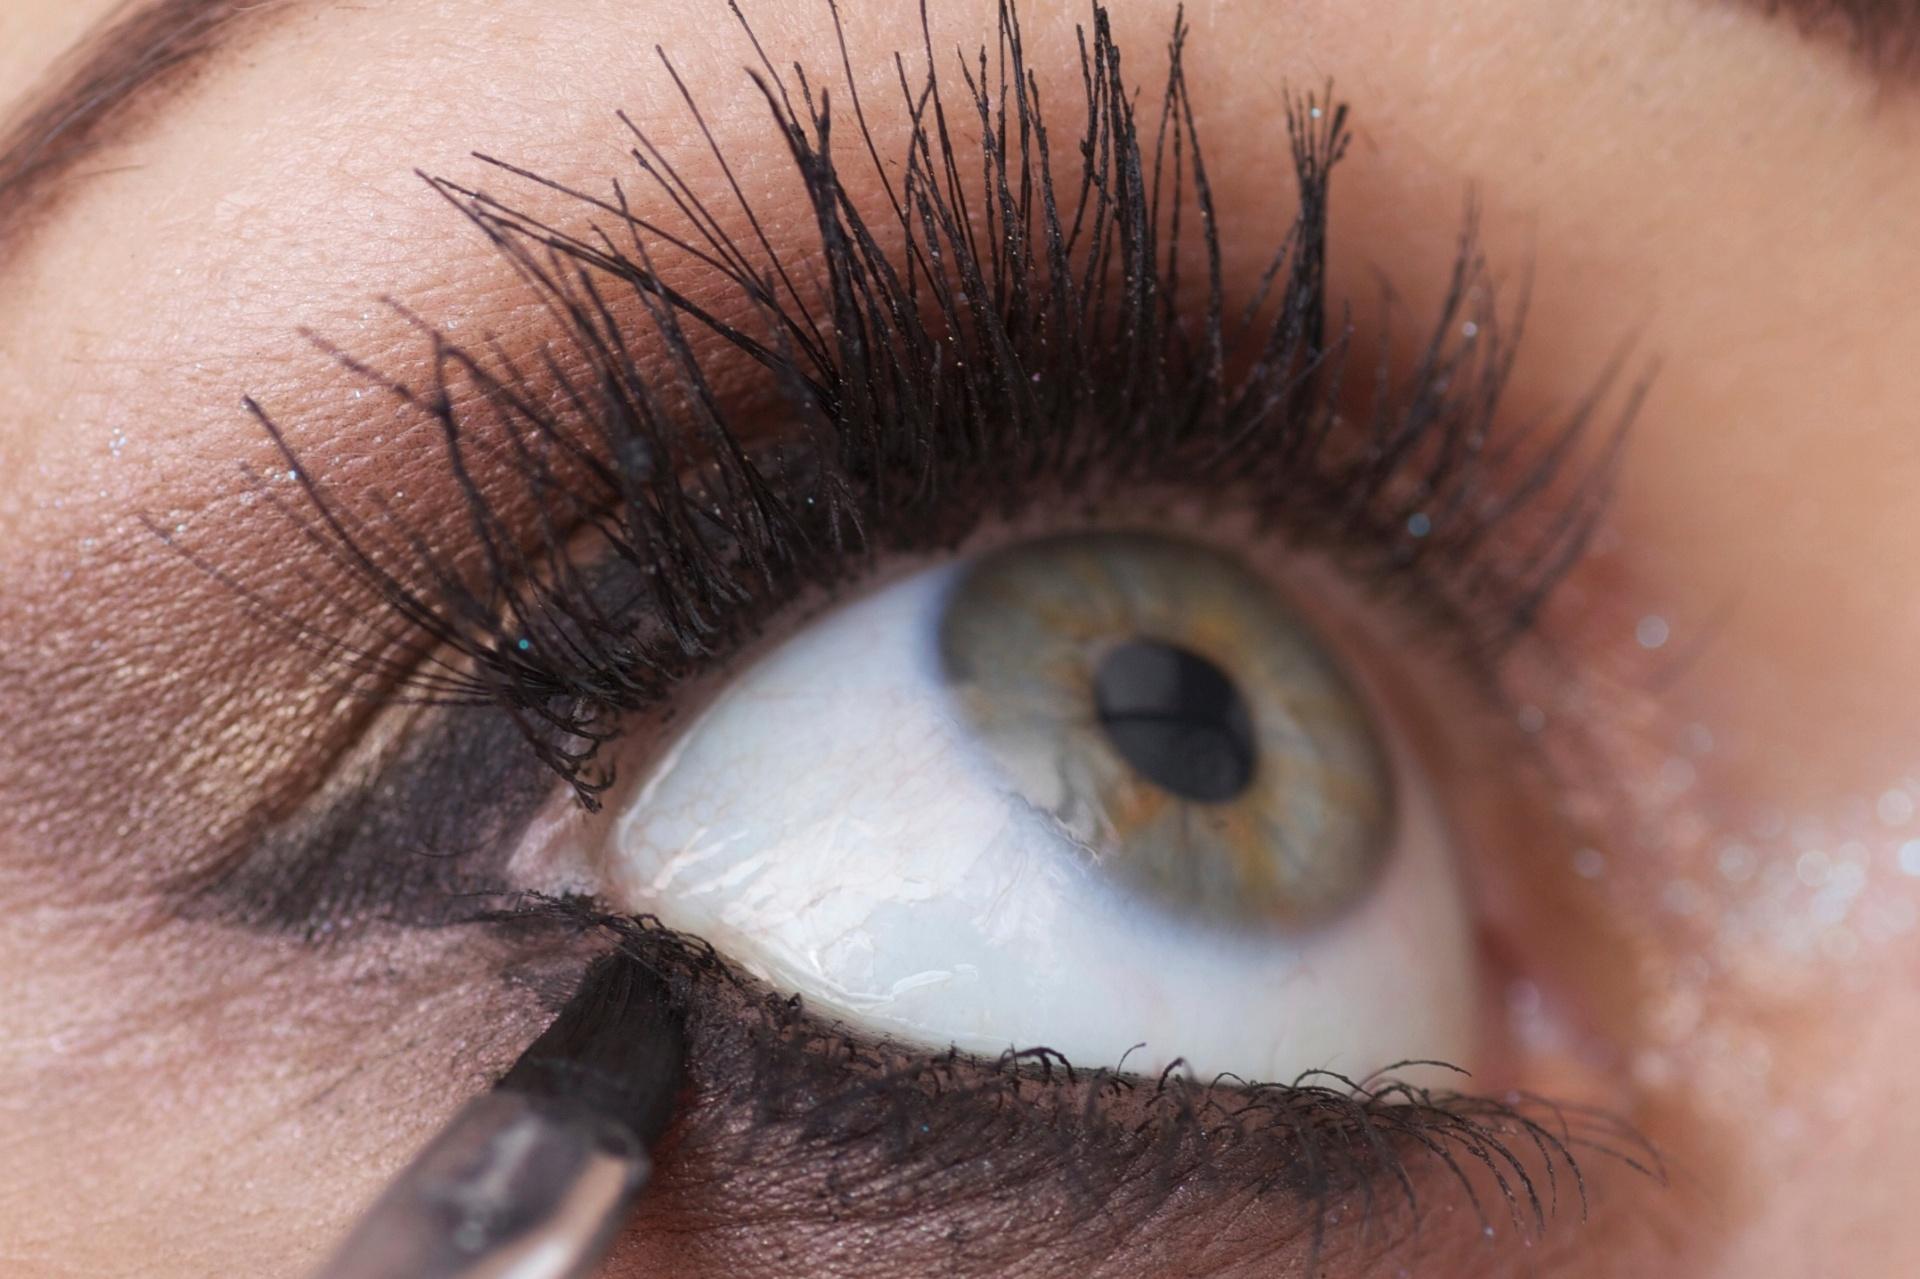 5ec0b9607 10 dicas para evitar que seus olhos lacrimejem com maquiagem e cosméticos -  03/12/2015 - UOL Universa